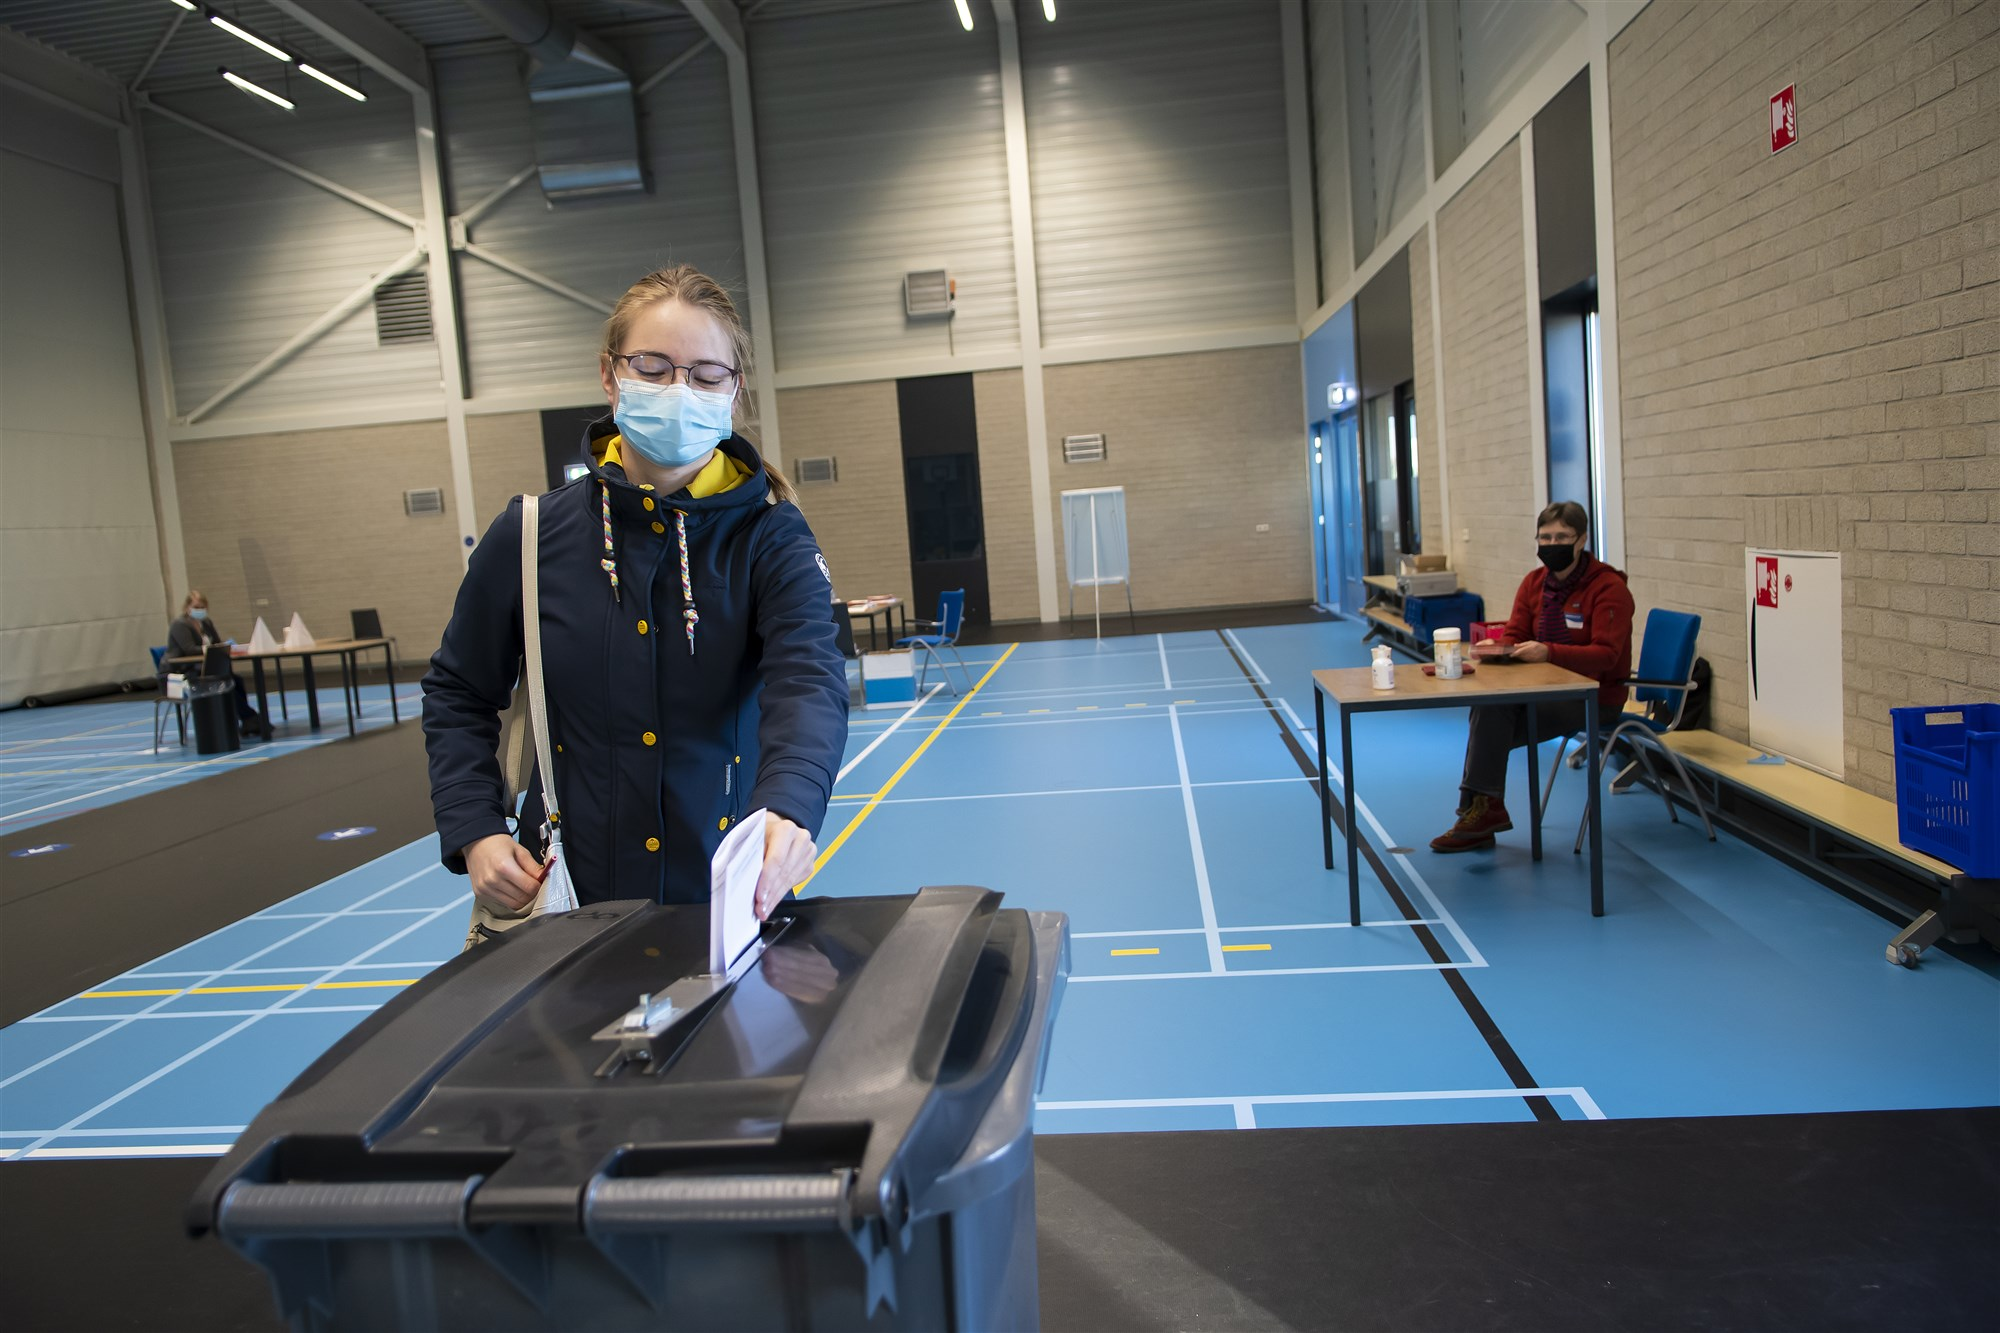 ANP-425284569 verkiezing in coronatijd stemmen stembureau